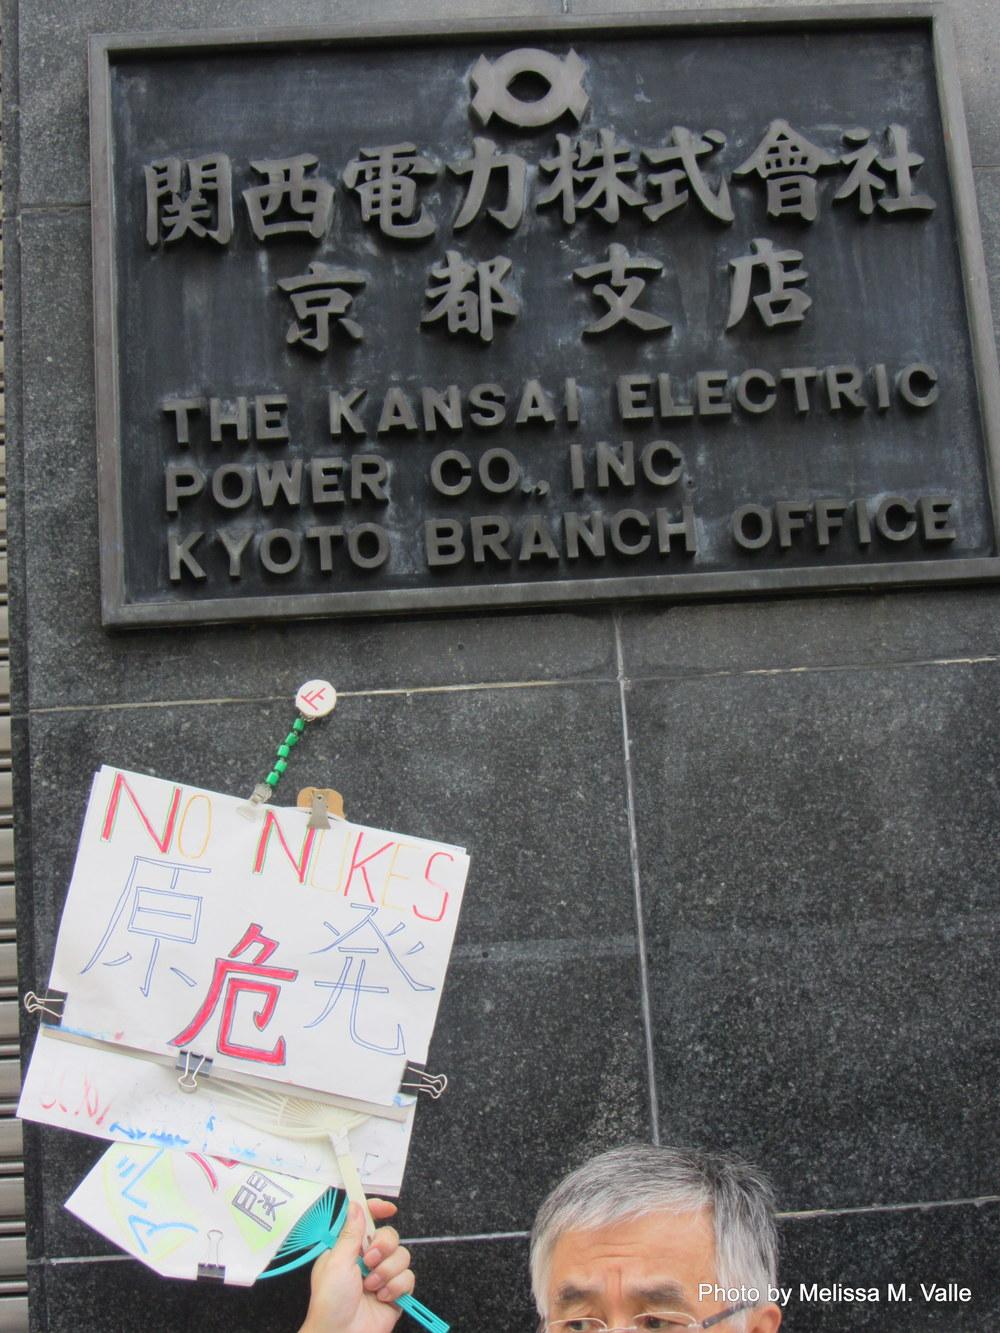 7.18.14 Kyoto, Japan-Anti-nukes protesters (8).JPG